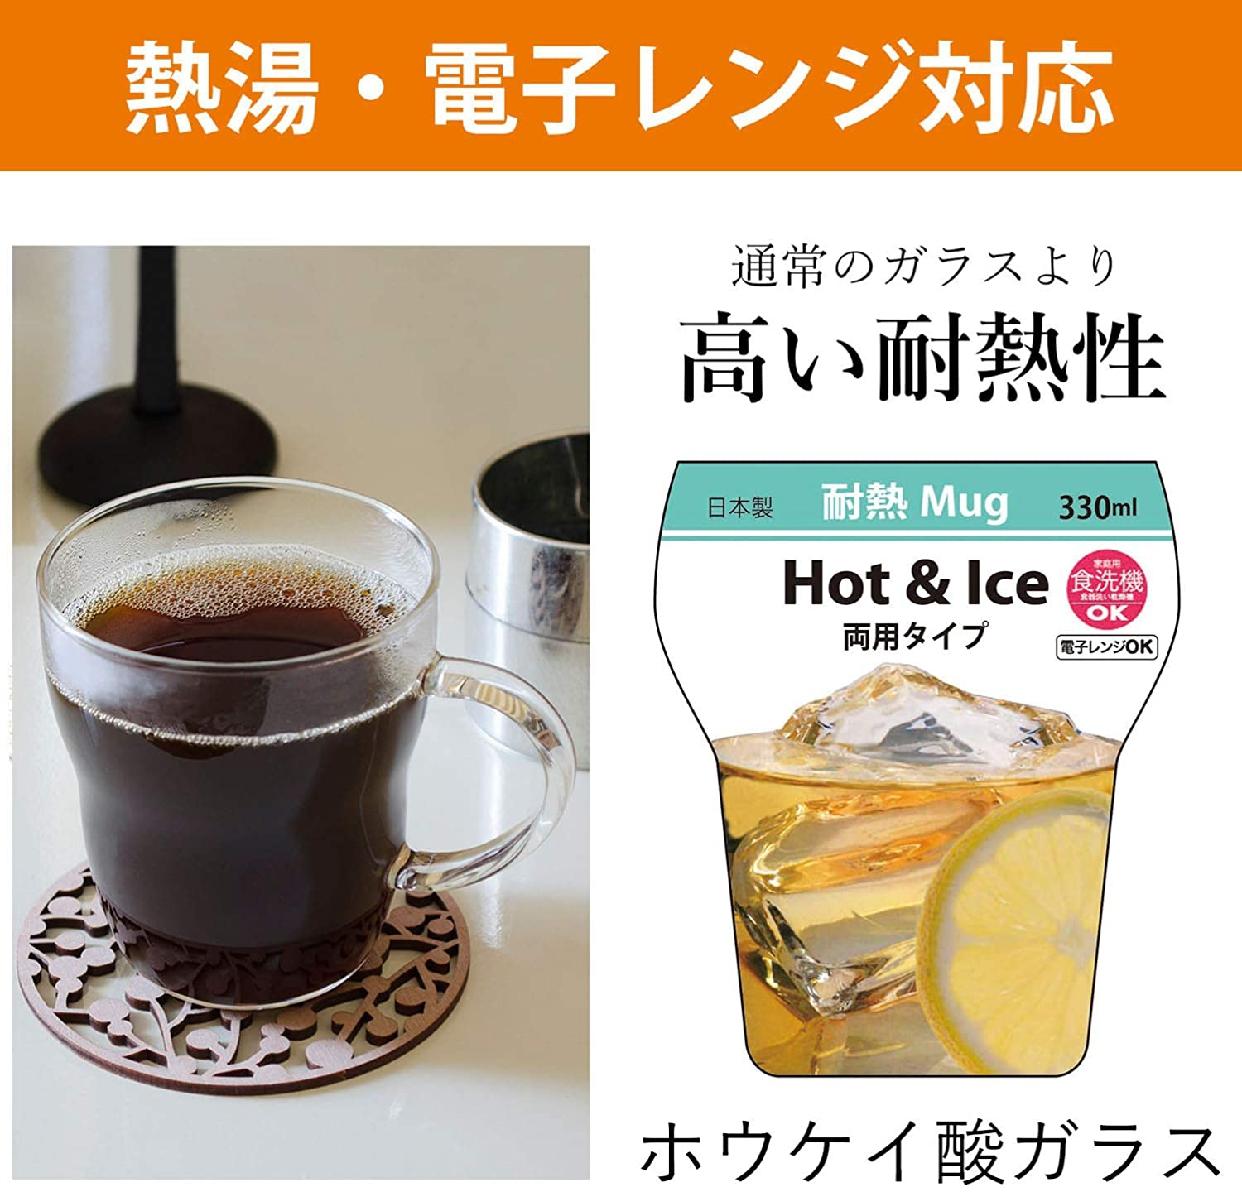 東洋佐々木ガラス 耐熱マグカップの商品画像5